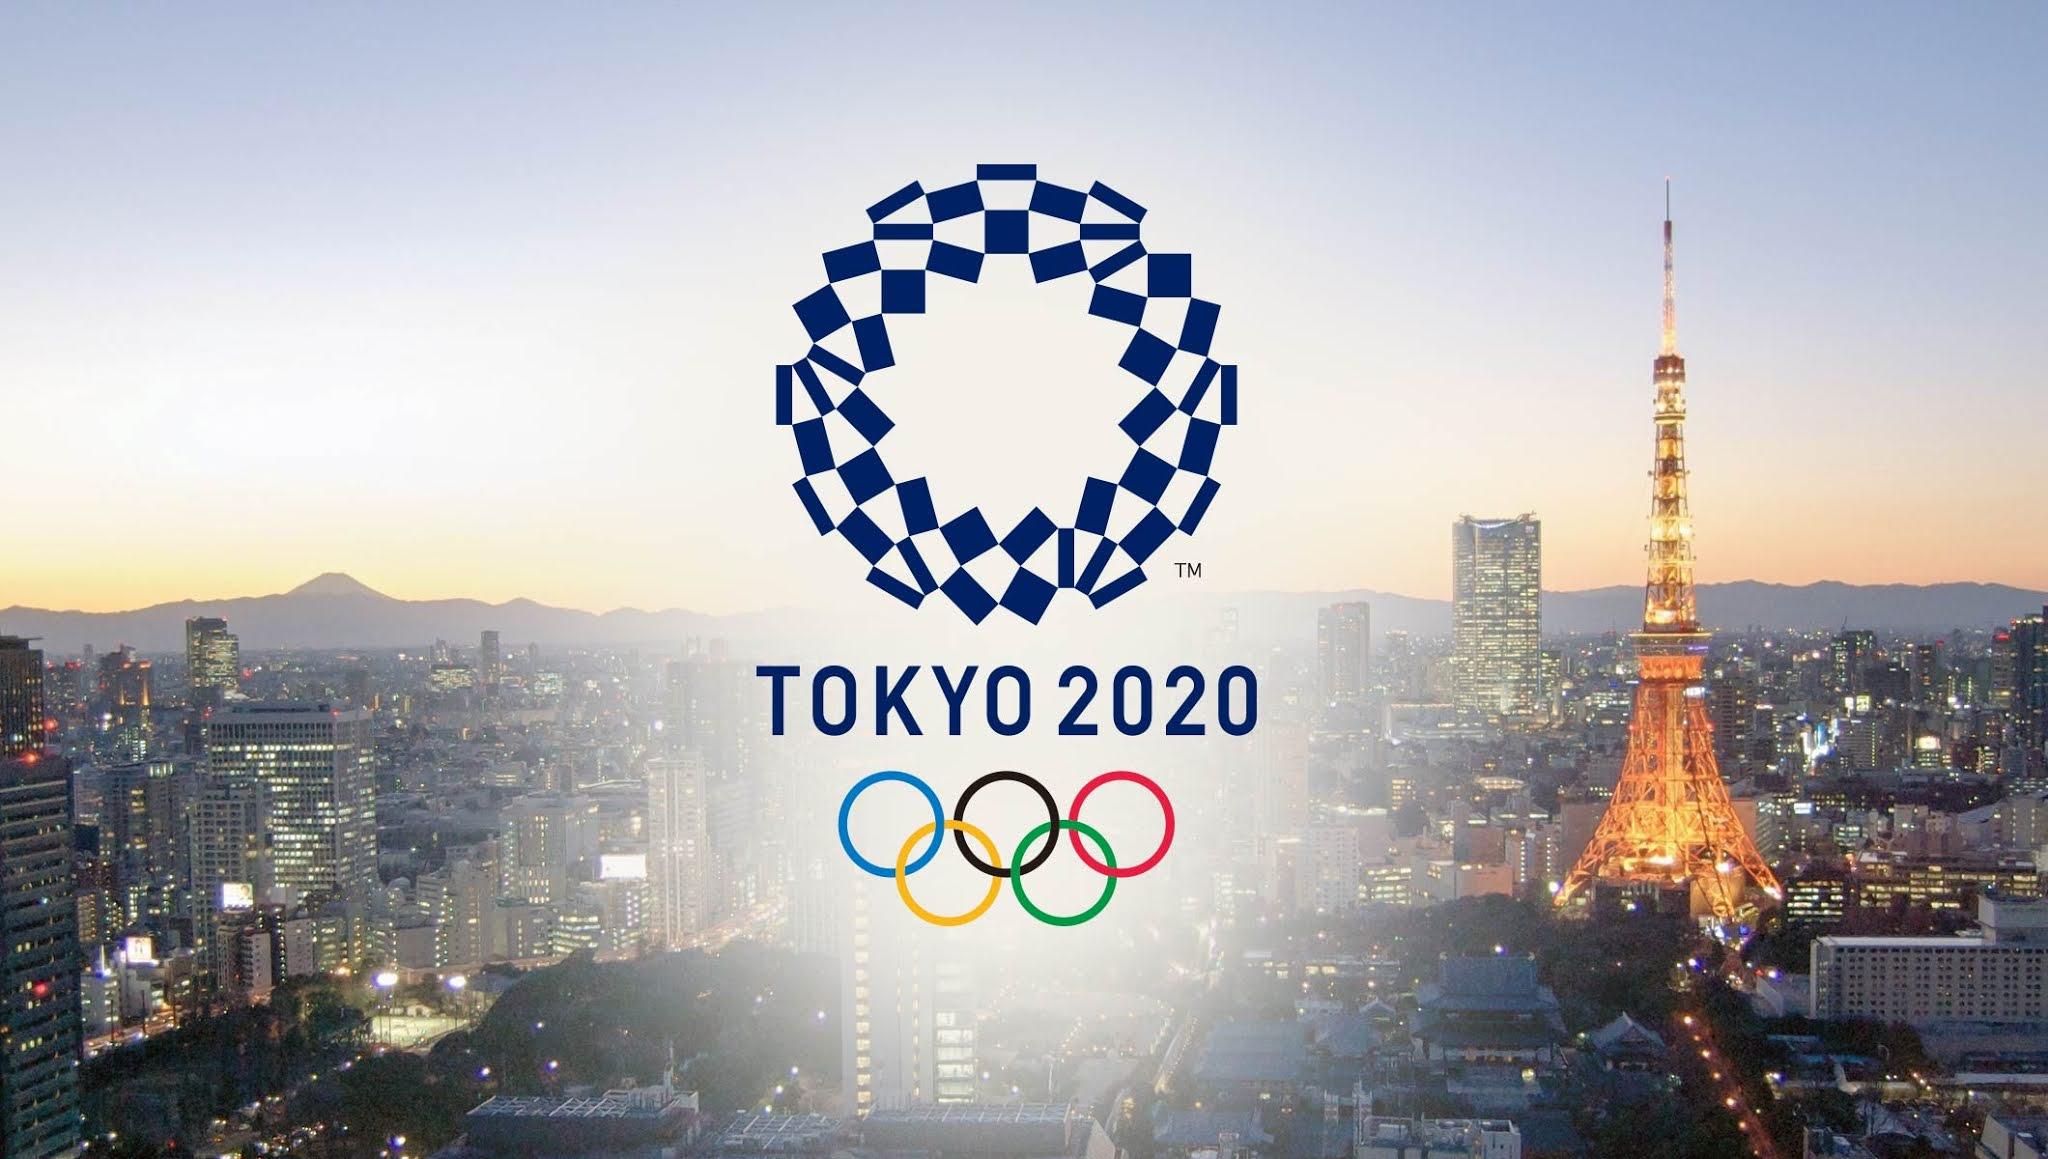 Petisi penolakan Olimpiade Tokyo 2020 sudah menembus 230 ribu tanda tangan